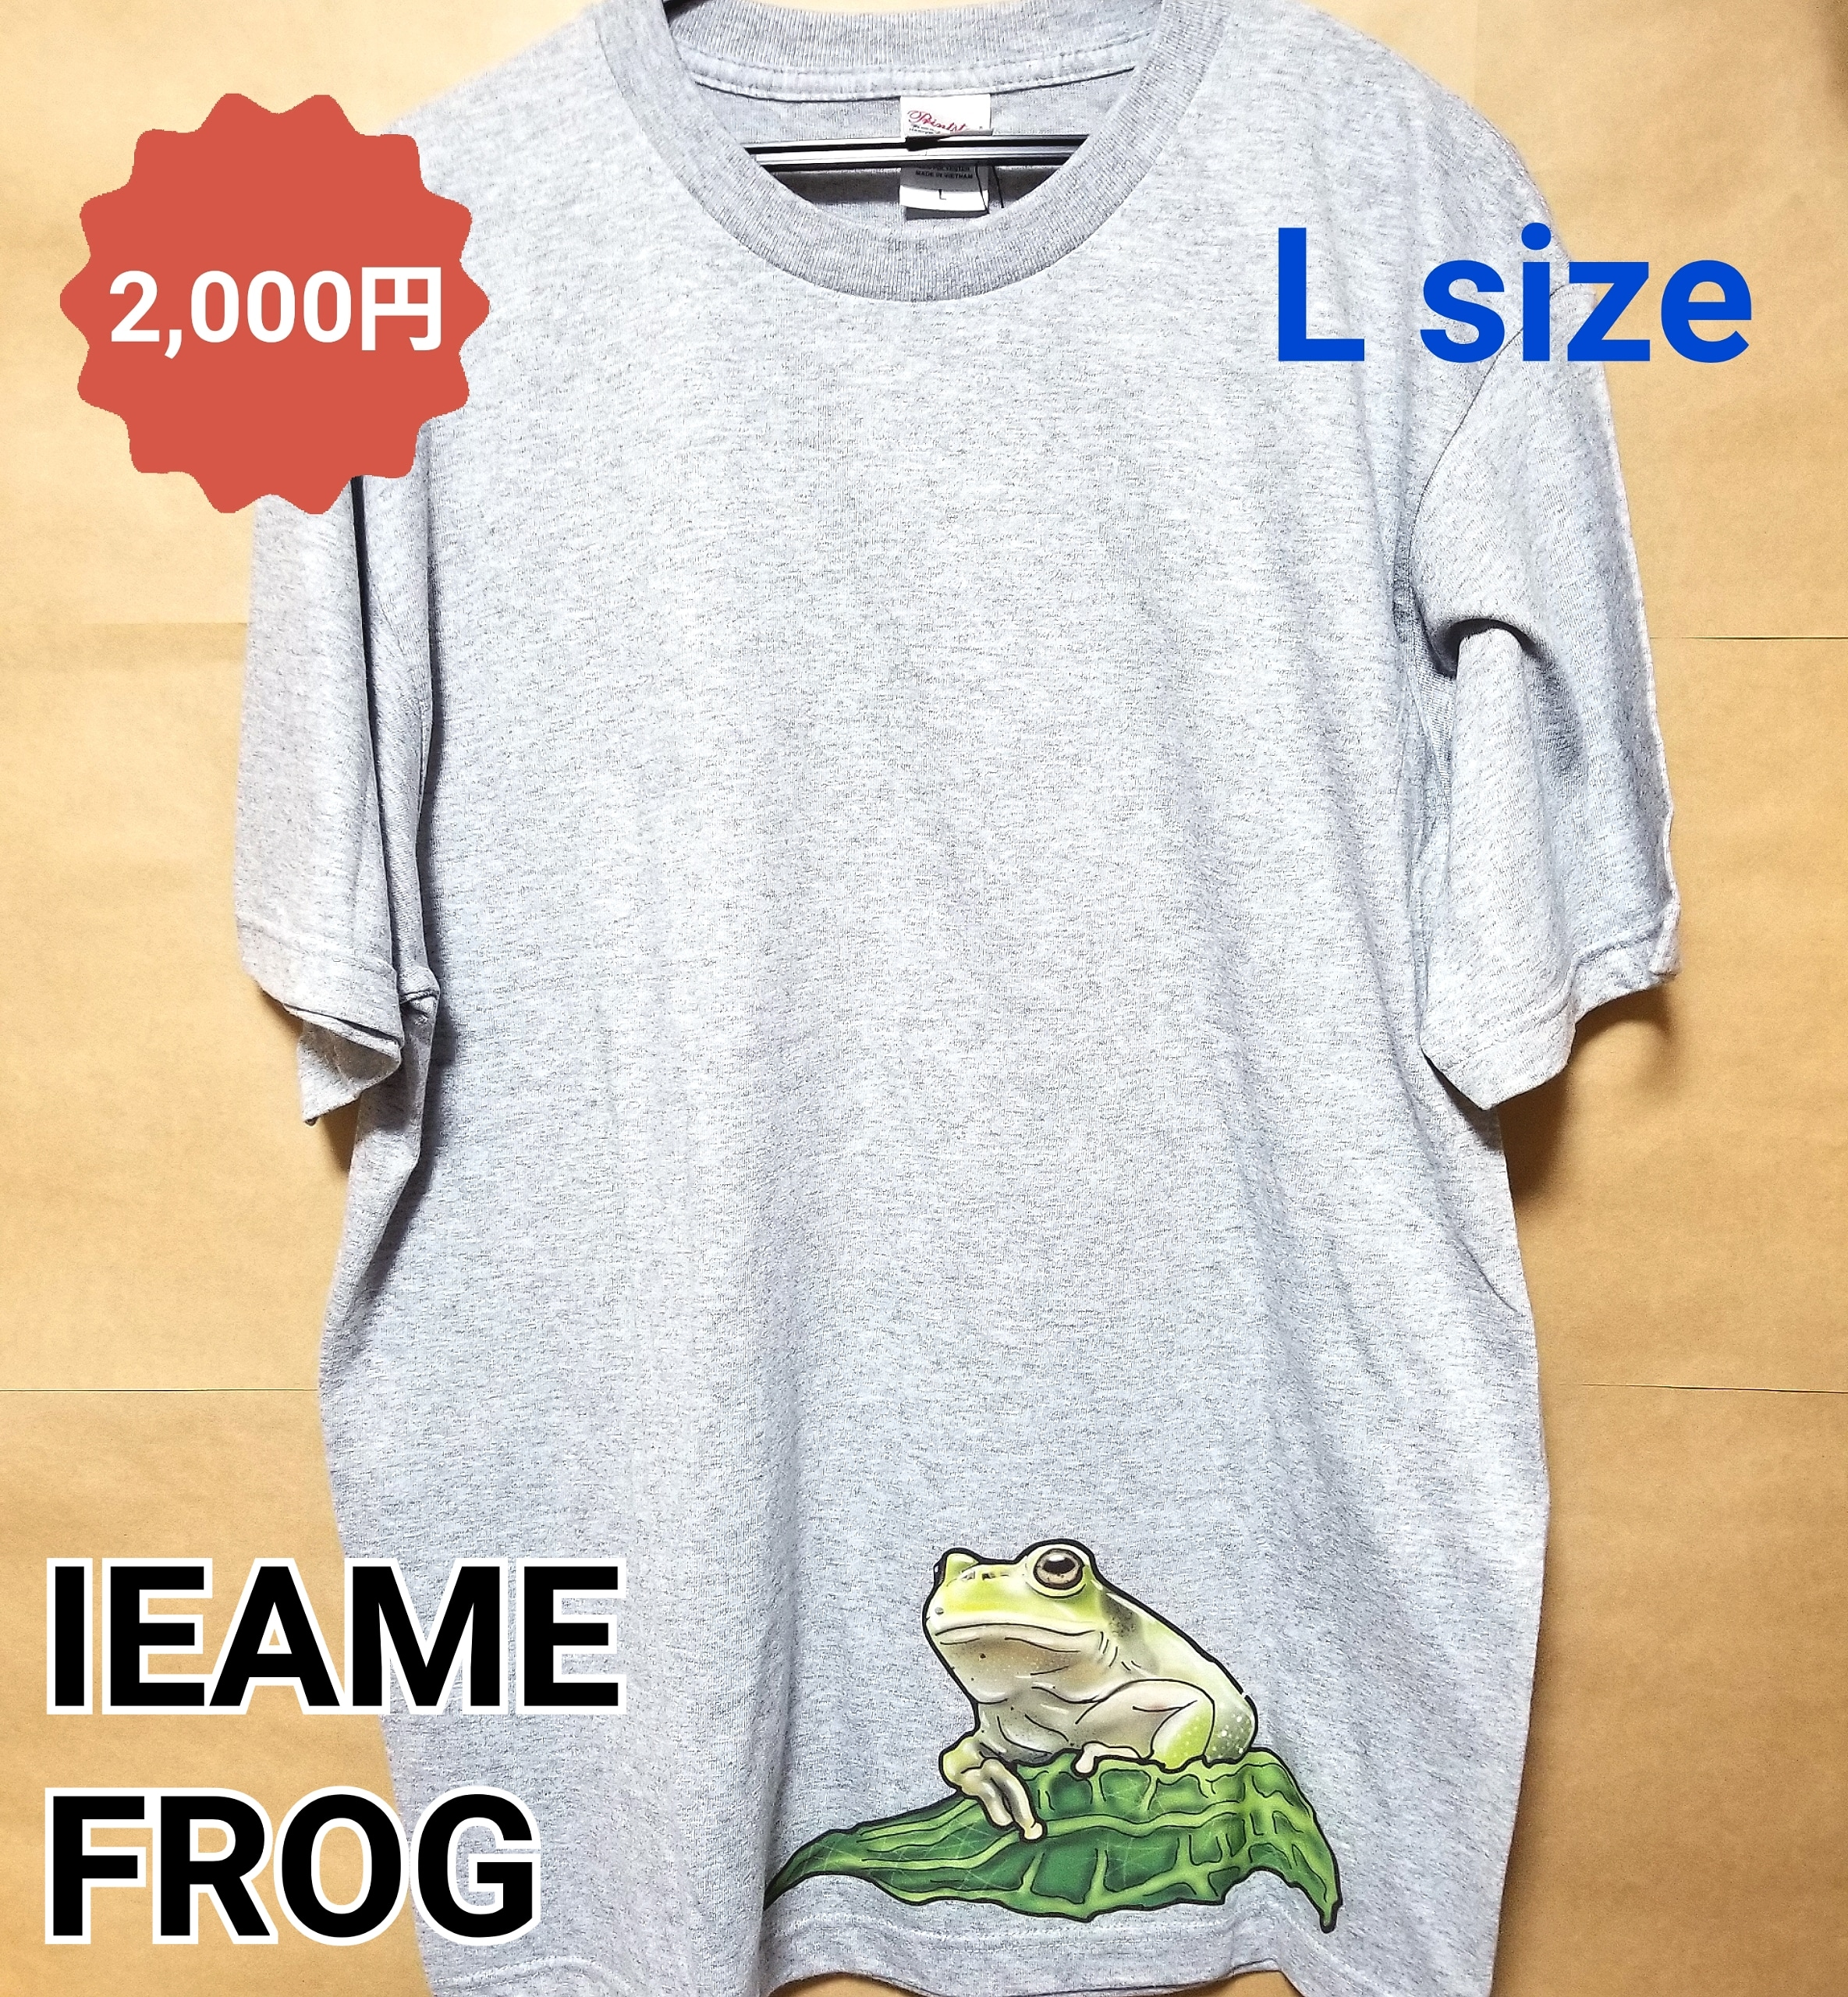 [イエアメカエル]爬虫類Tシャツ販売